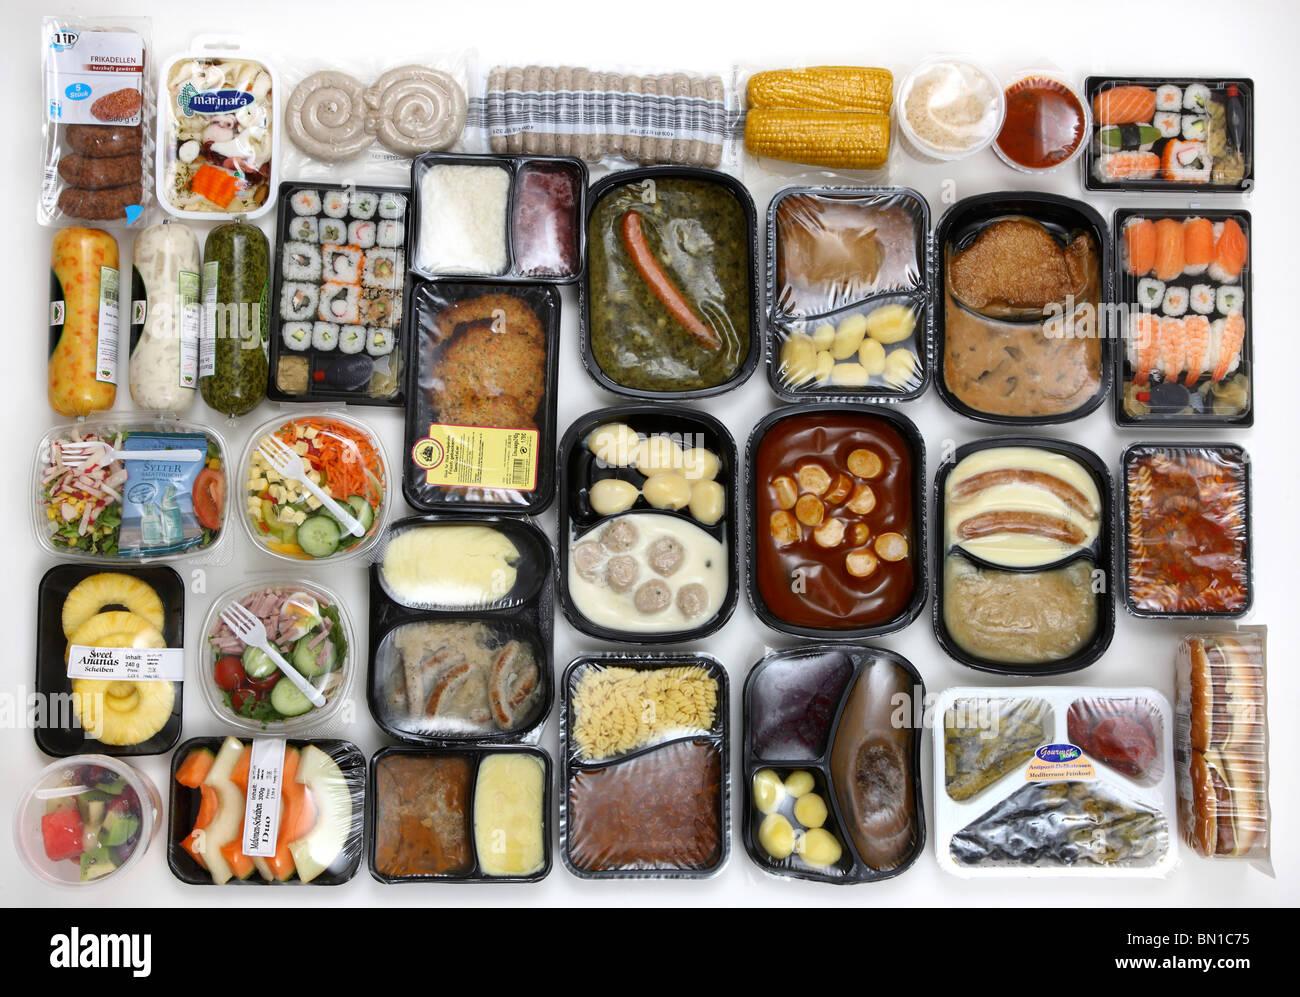 Selezione di cibi. Insalate fresche, frutta, carne, zuppe e piatti di pasta in lattine, leggere a servire i pasti, Immagini Stock